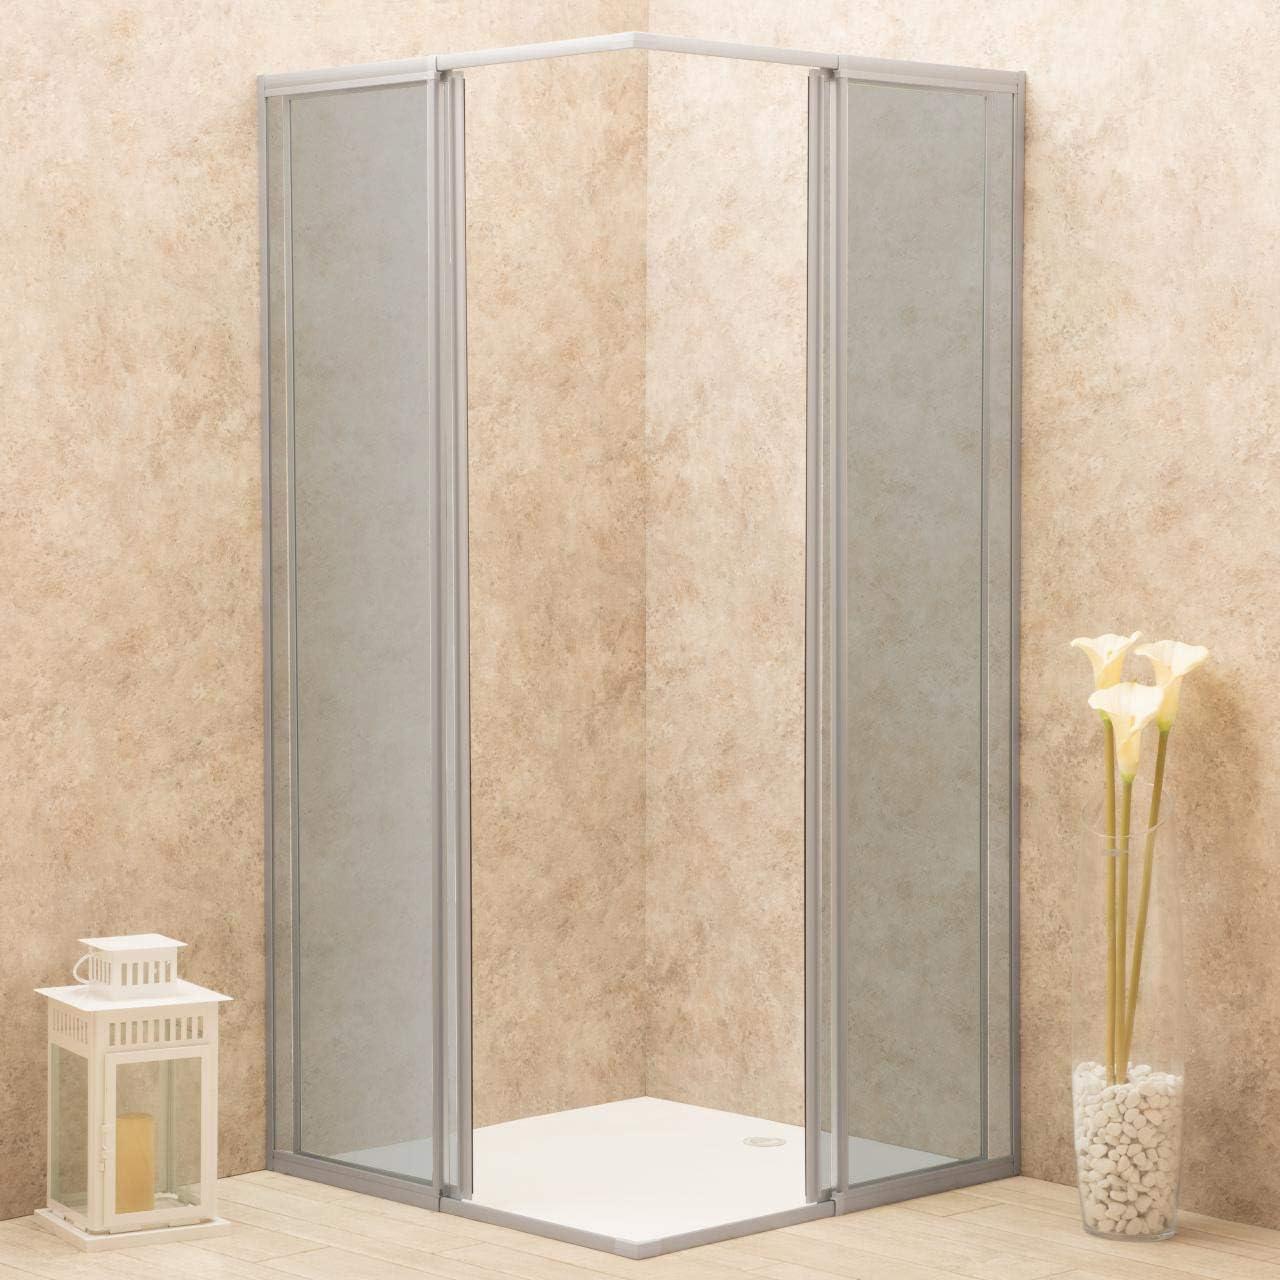 Cabina de ducha ajustable reversible 75 x 78 cm cristal 6 mm ahumado angular: Amazon.es: Bricolaje y herramientas